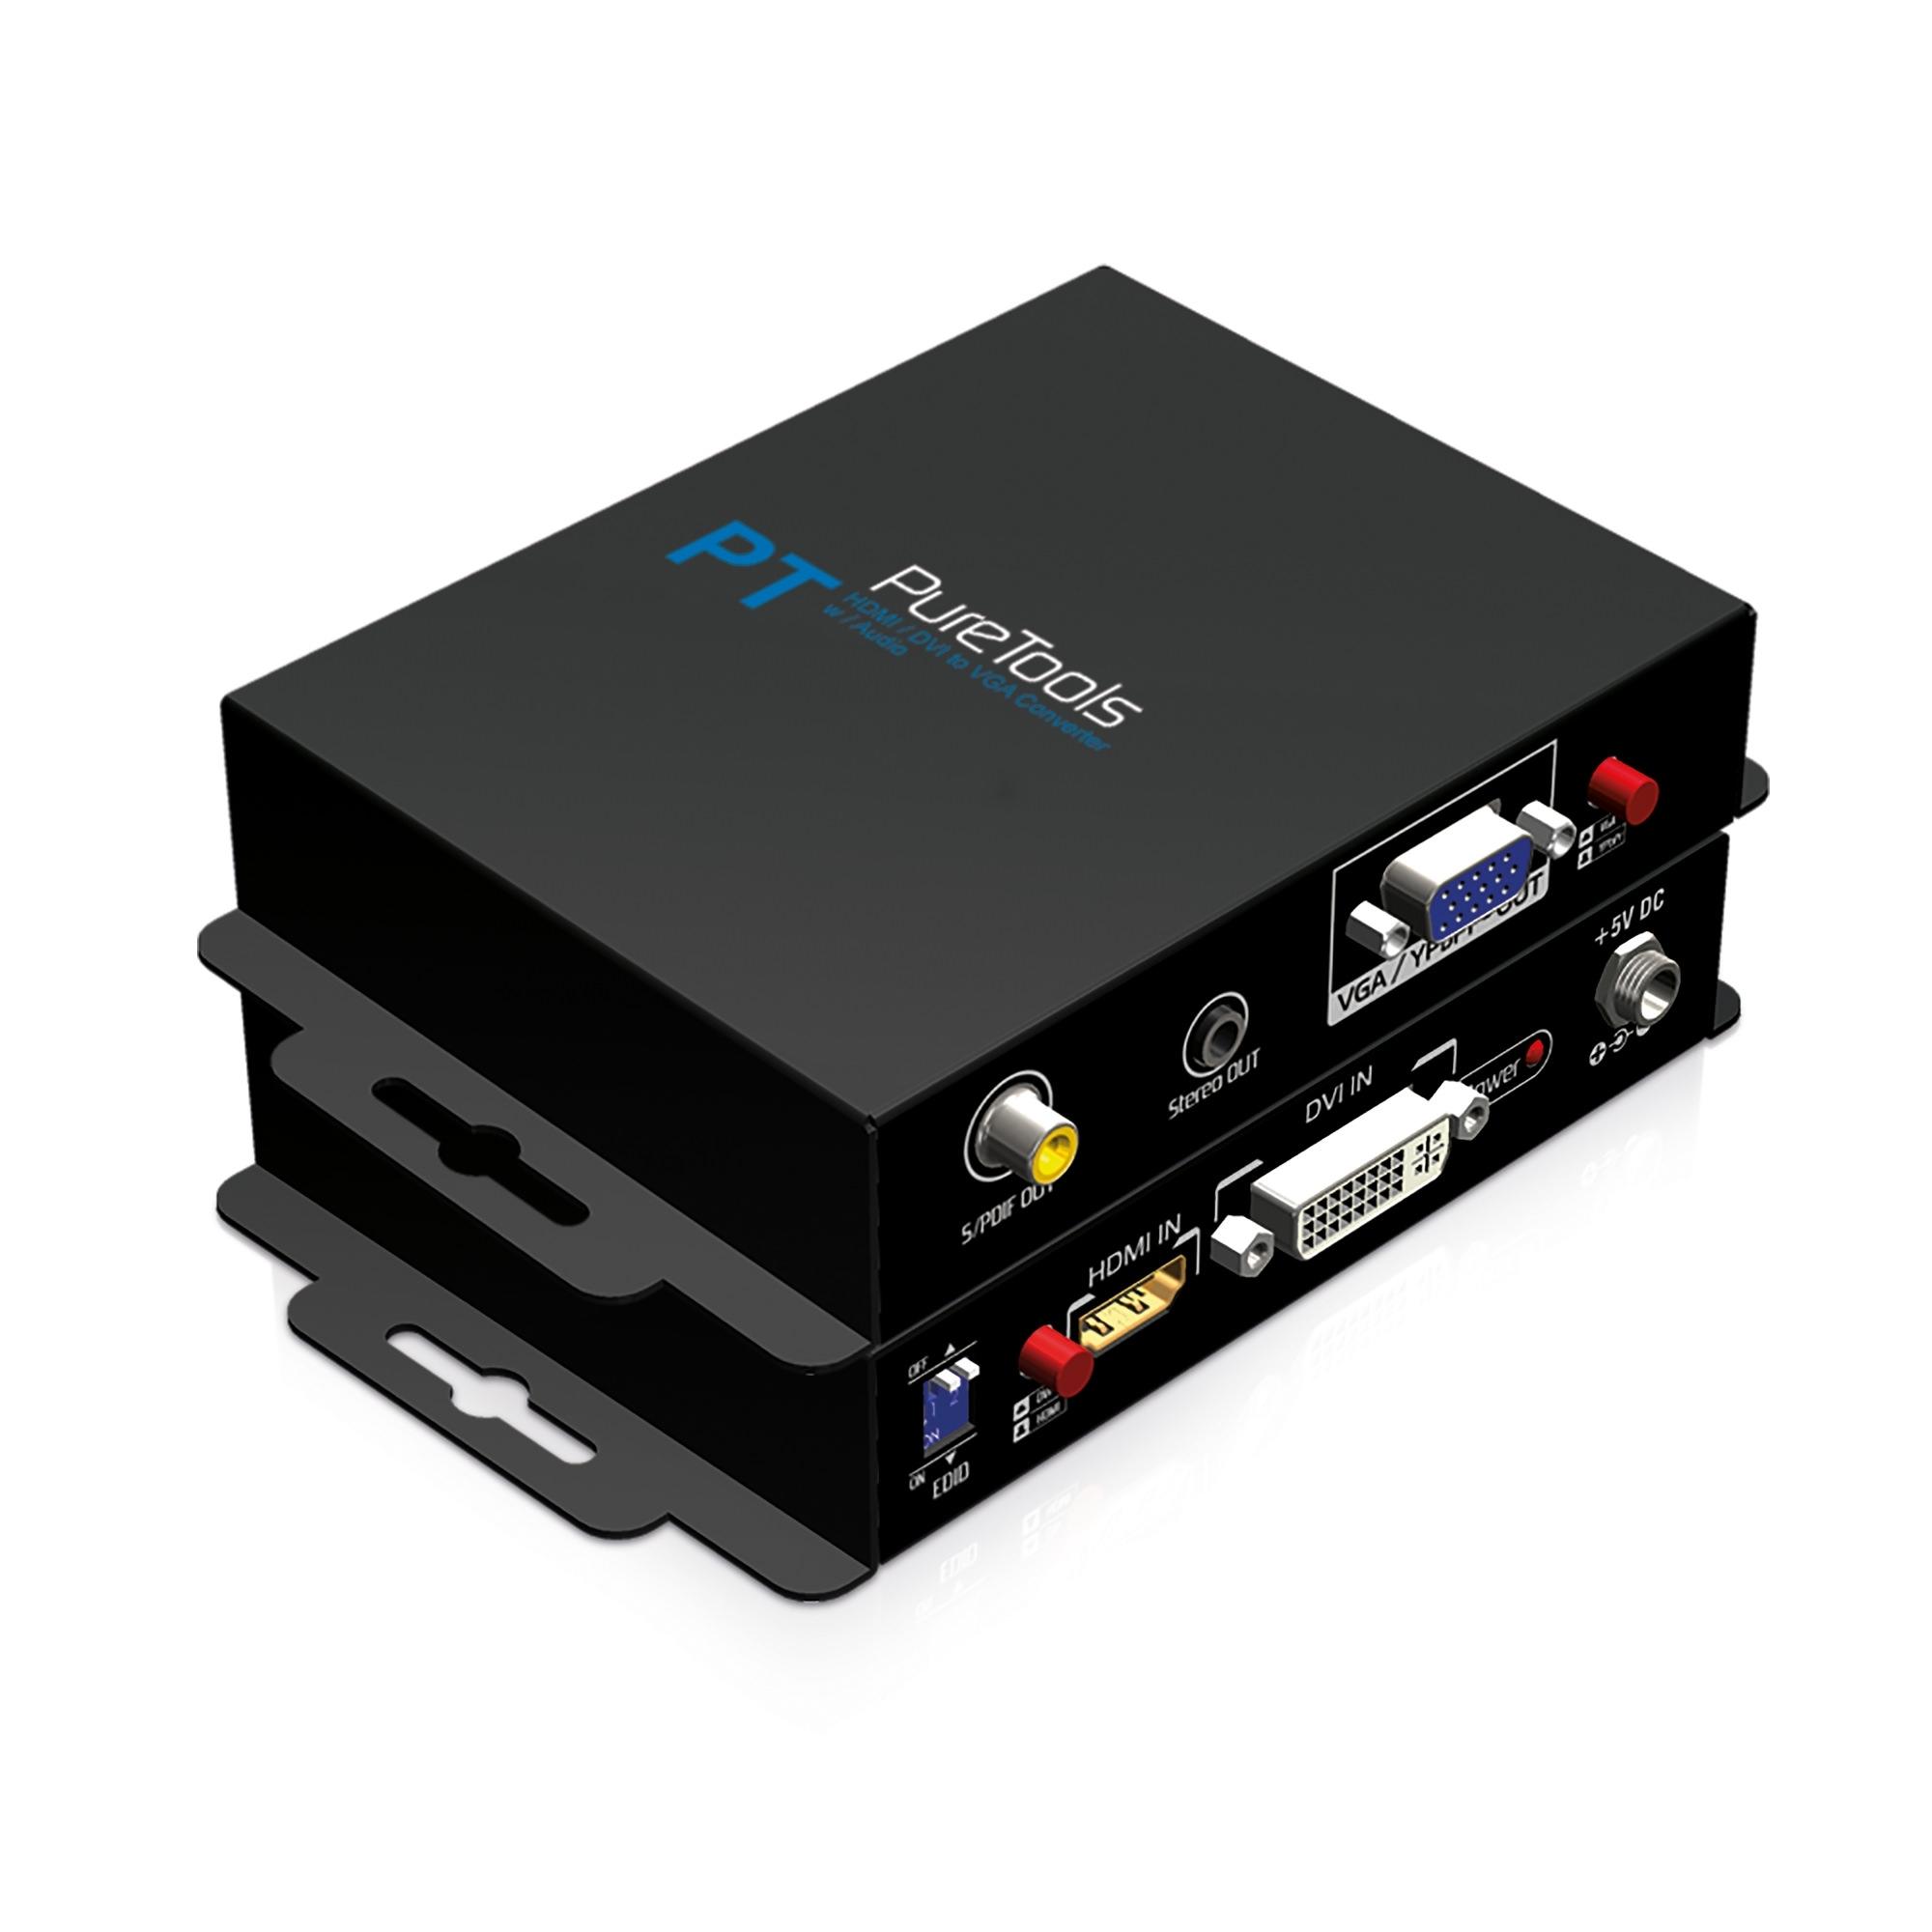 DisplayPort Anschlusskabel   OneAV Deutschland   AV Distribution ...